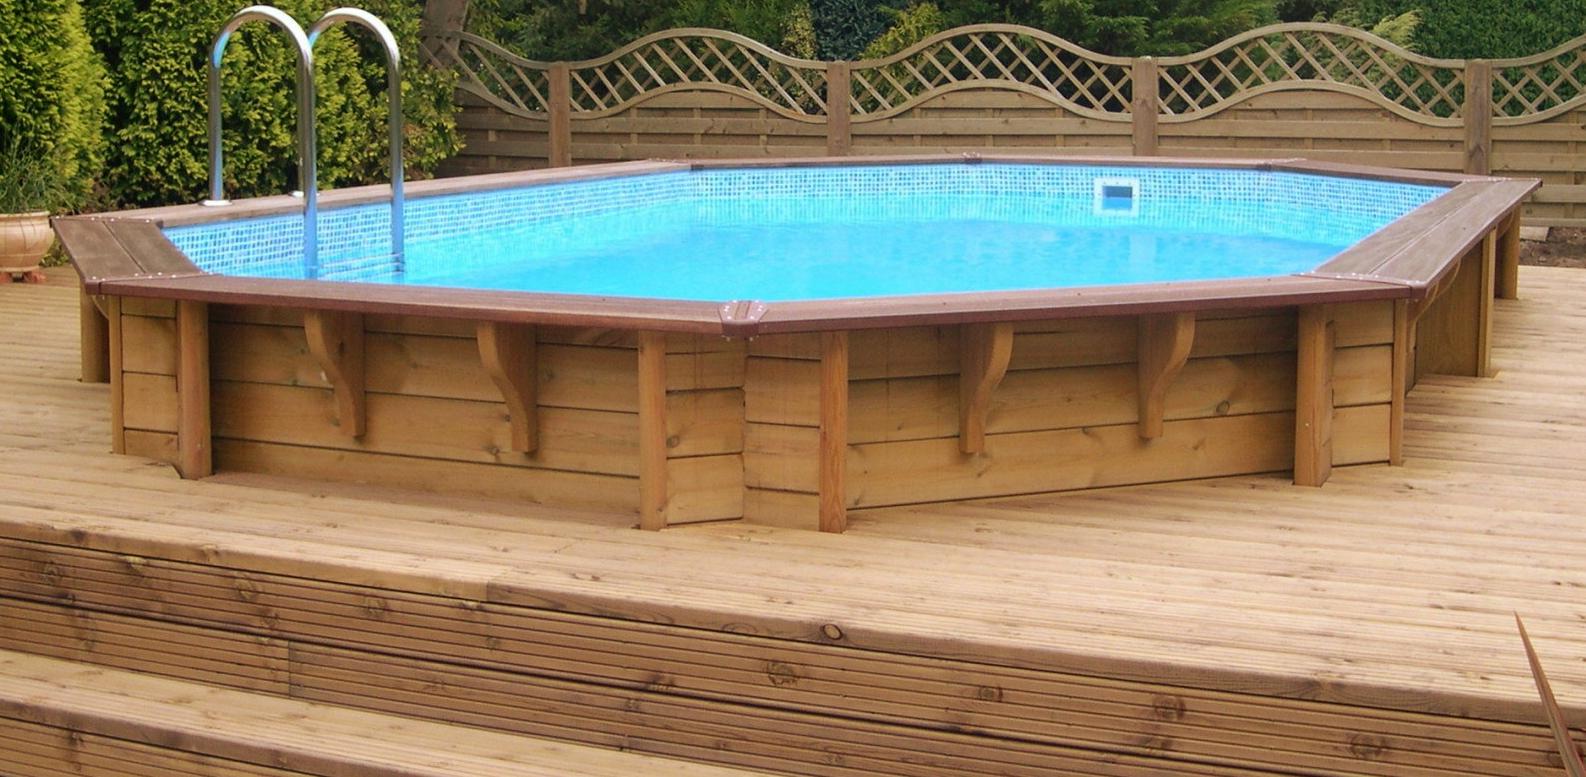 Sunsoka swimming pools supplied throughout Cambridgeshire & the UK